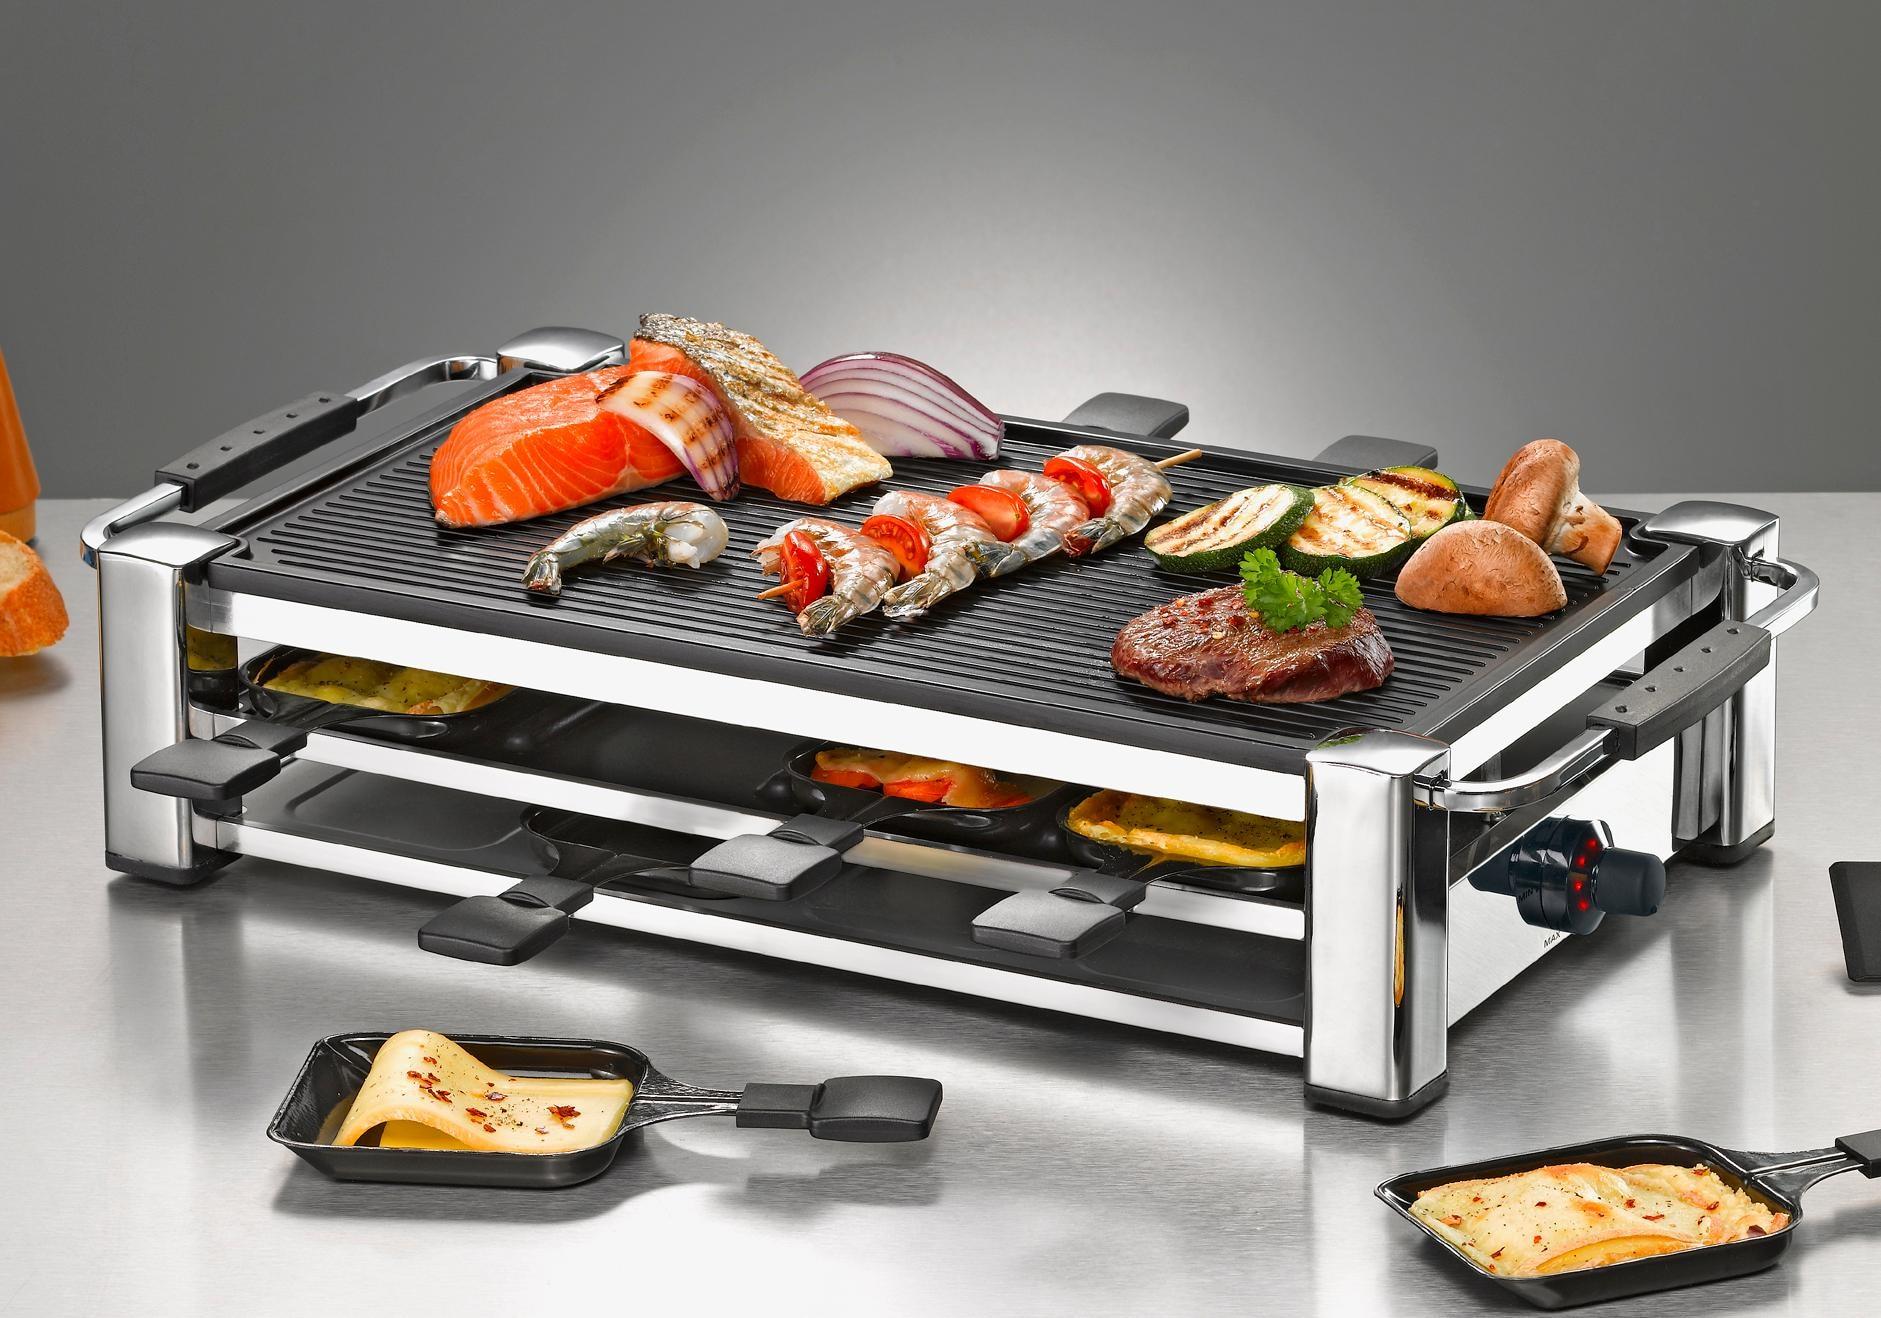 Severin Elektrogrill Gebraucht : Severin raclette elektrogrill tischgrill grill rg severin raclett